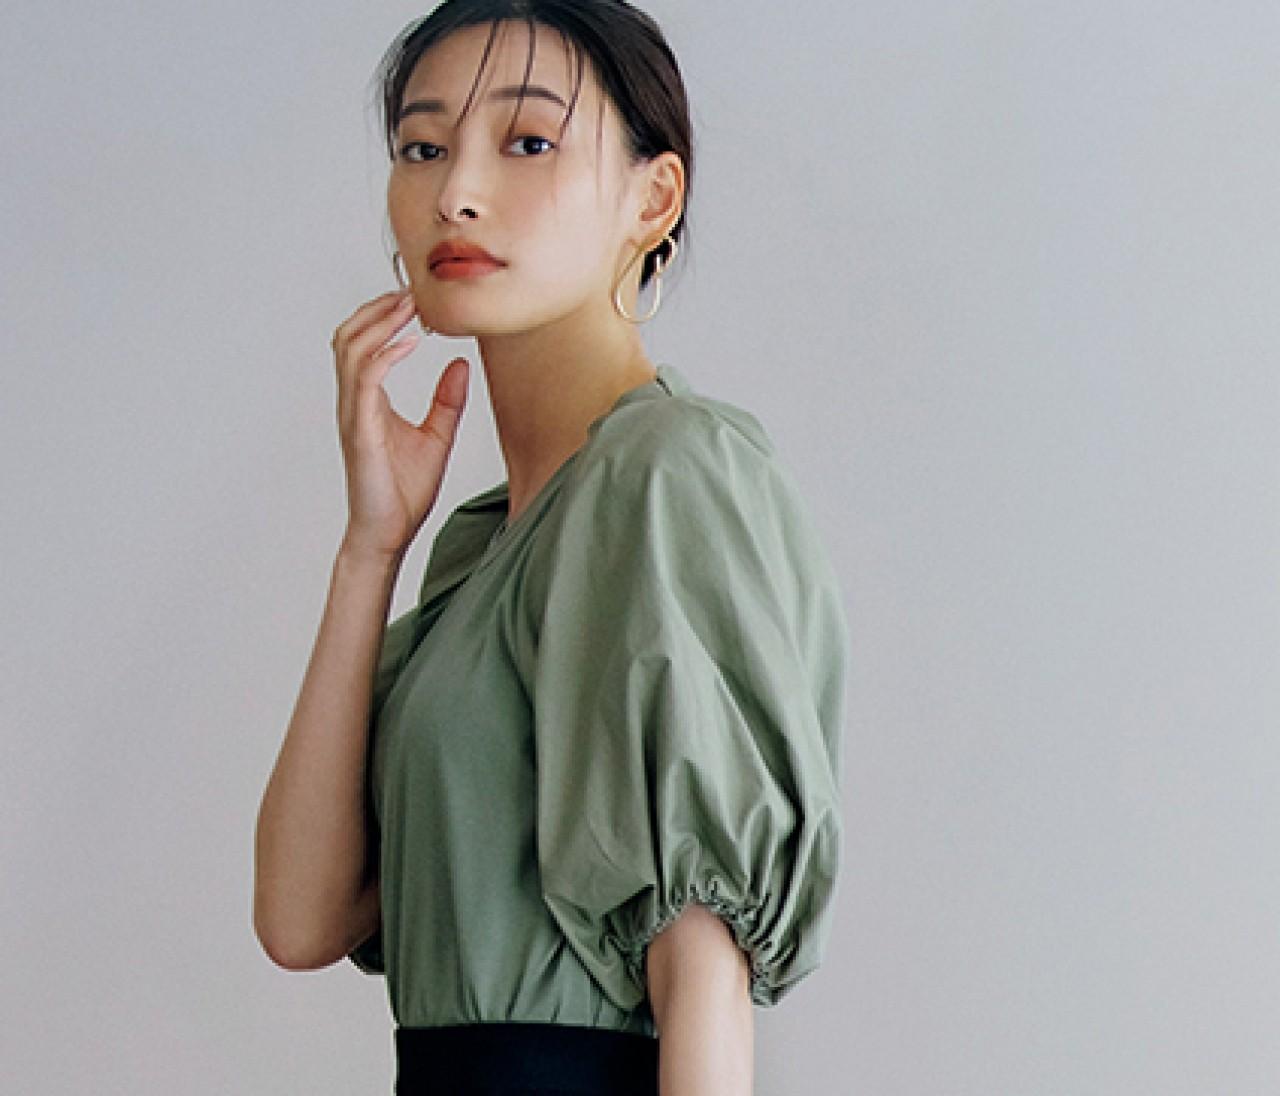 【袖コンTシャツ】袖の甘さを引き立てる小物使い&配色って?